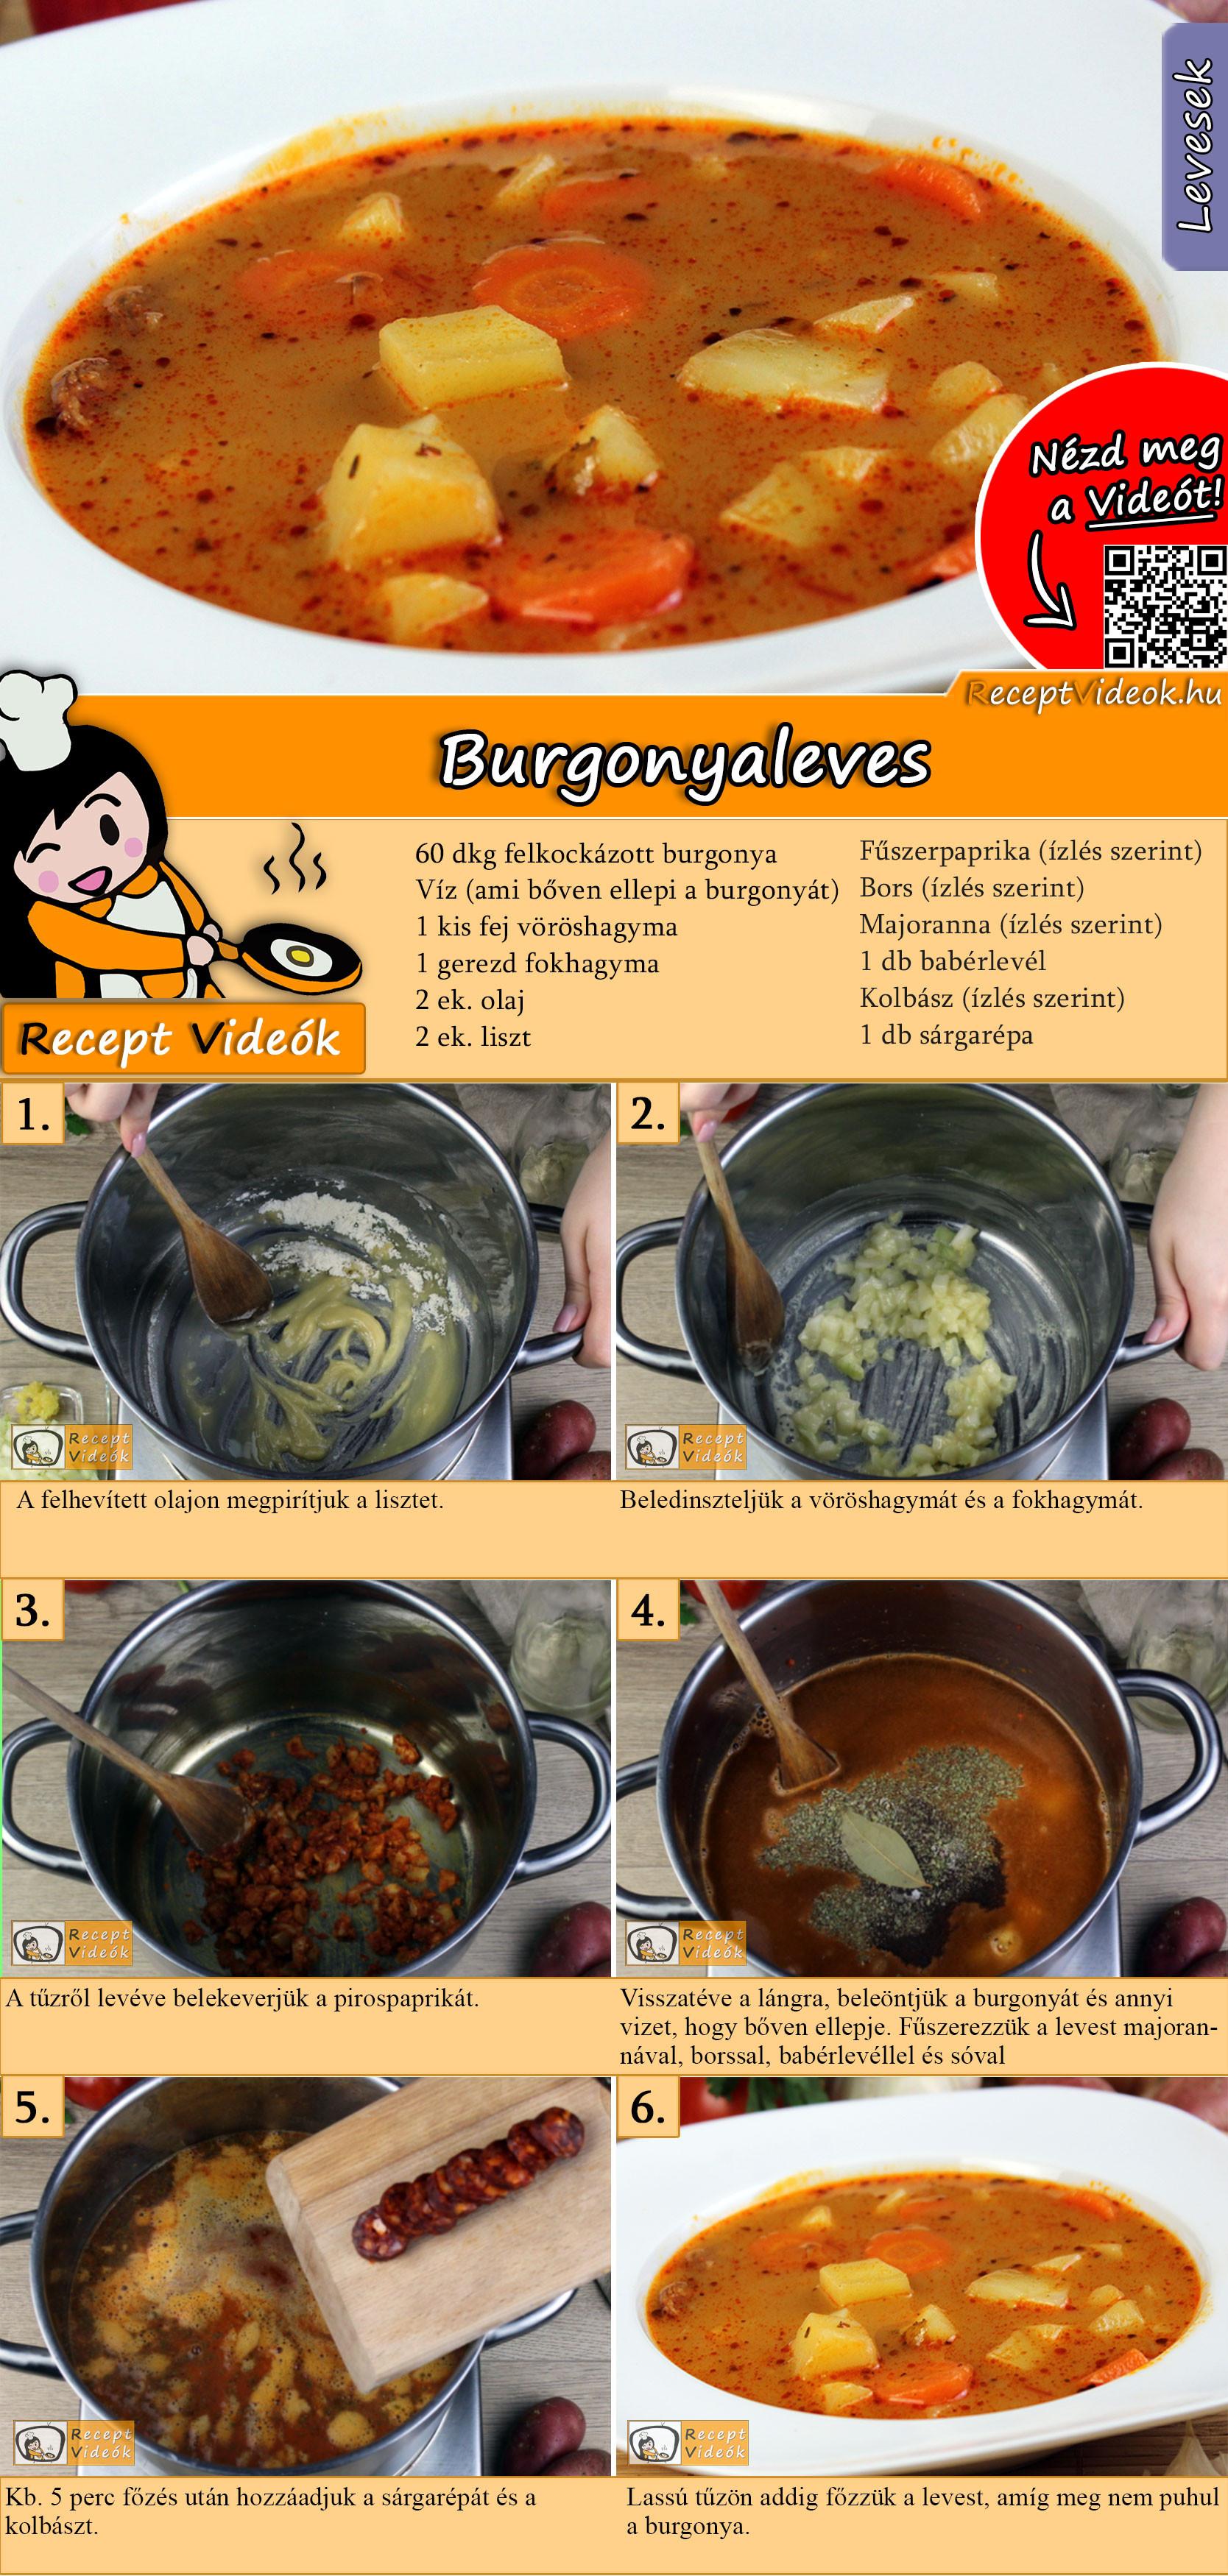 Burgonyaleves recept elkészítése videóval